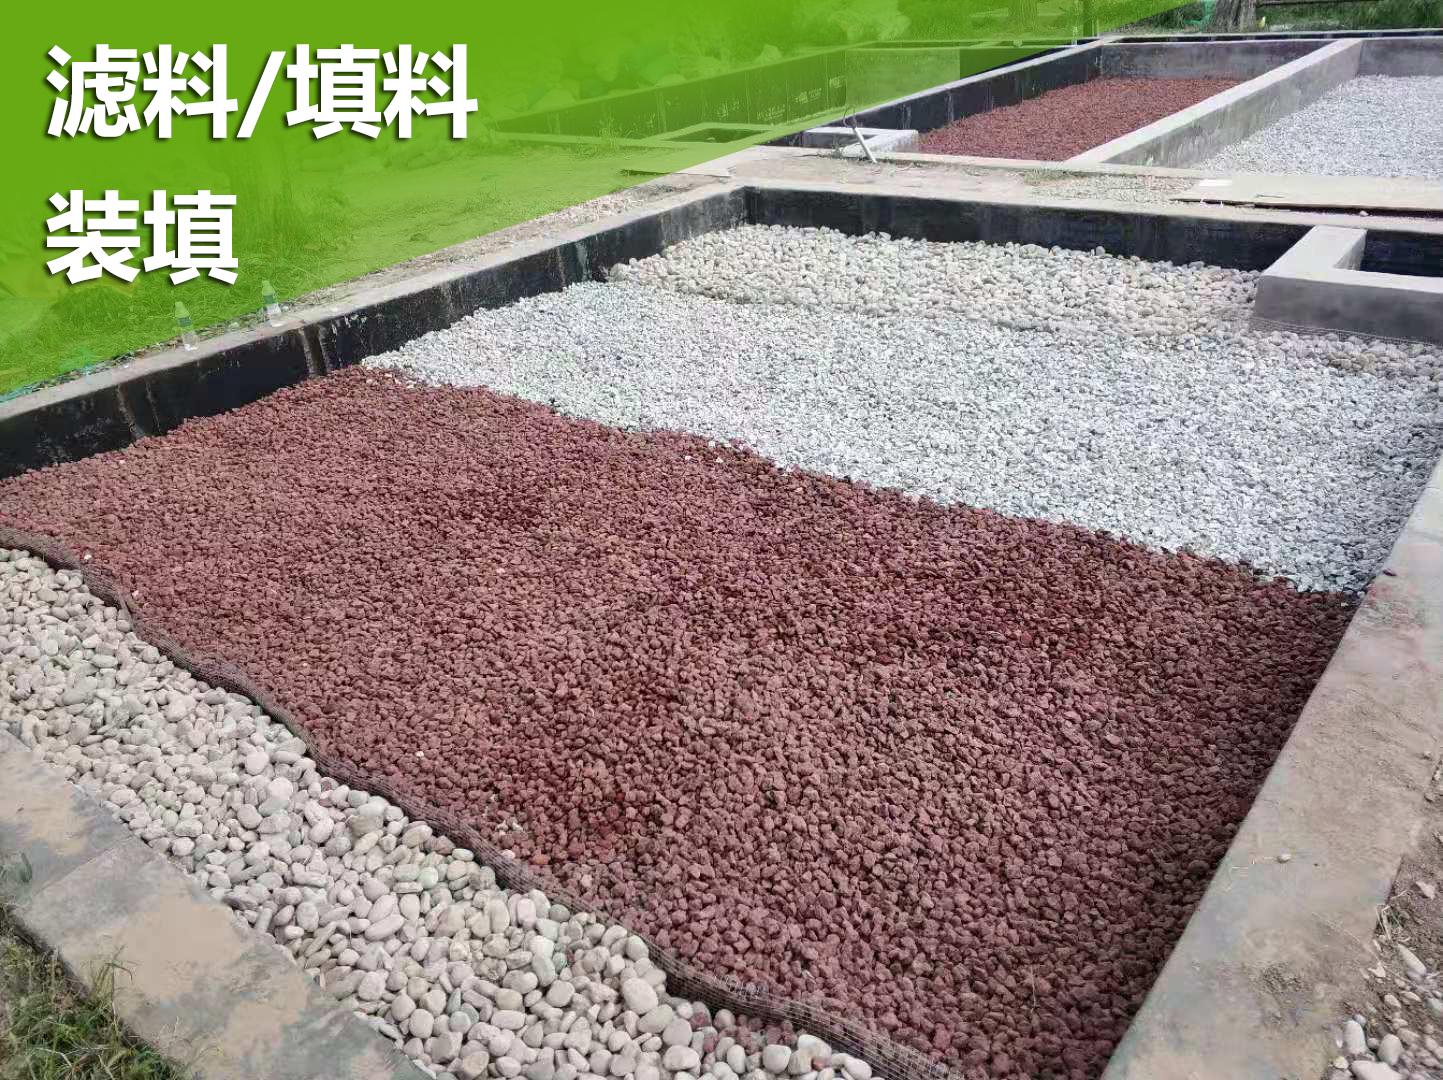 人工湿地专用陶粒介绍